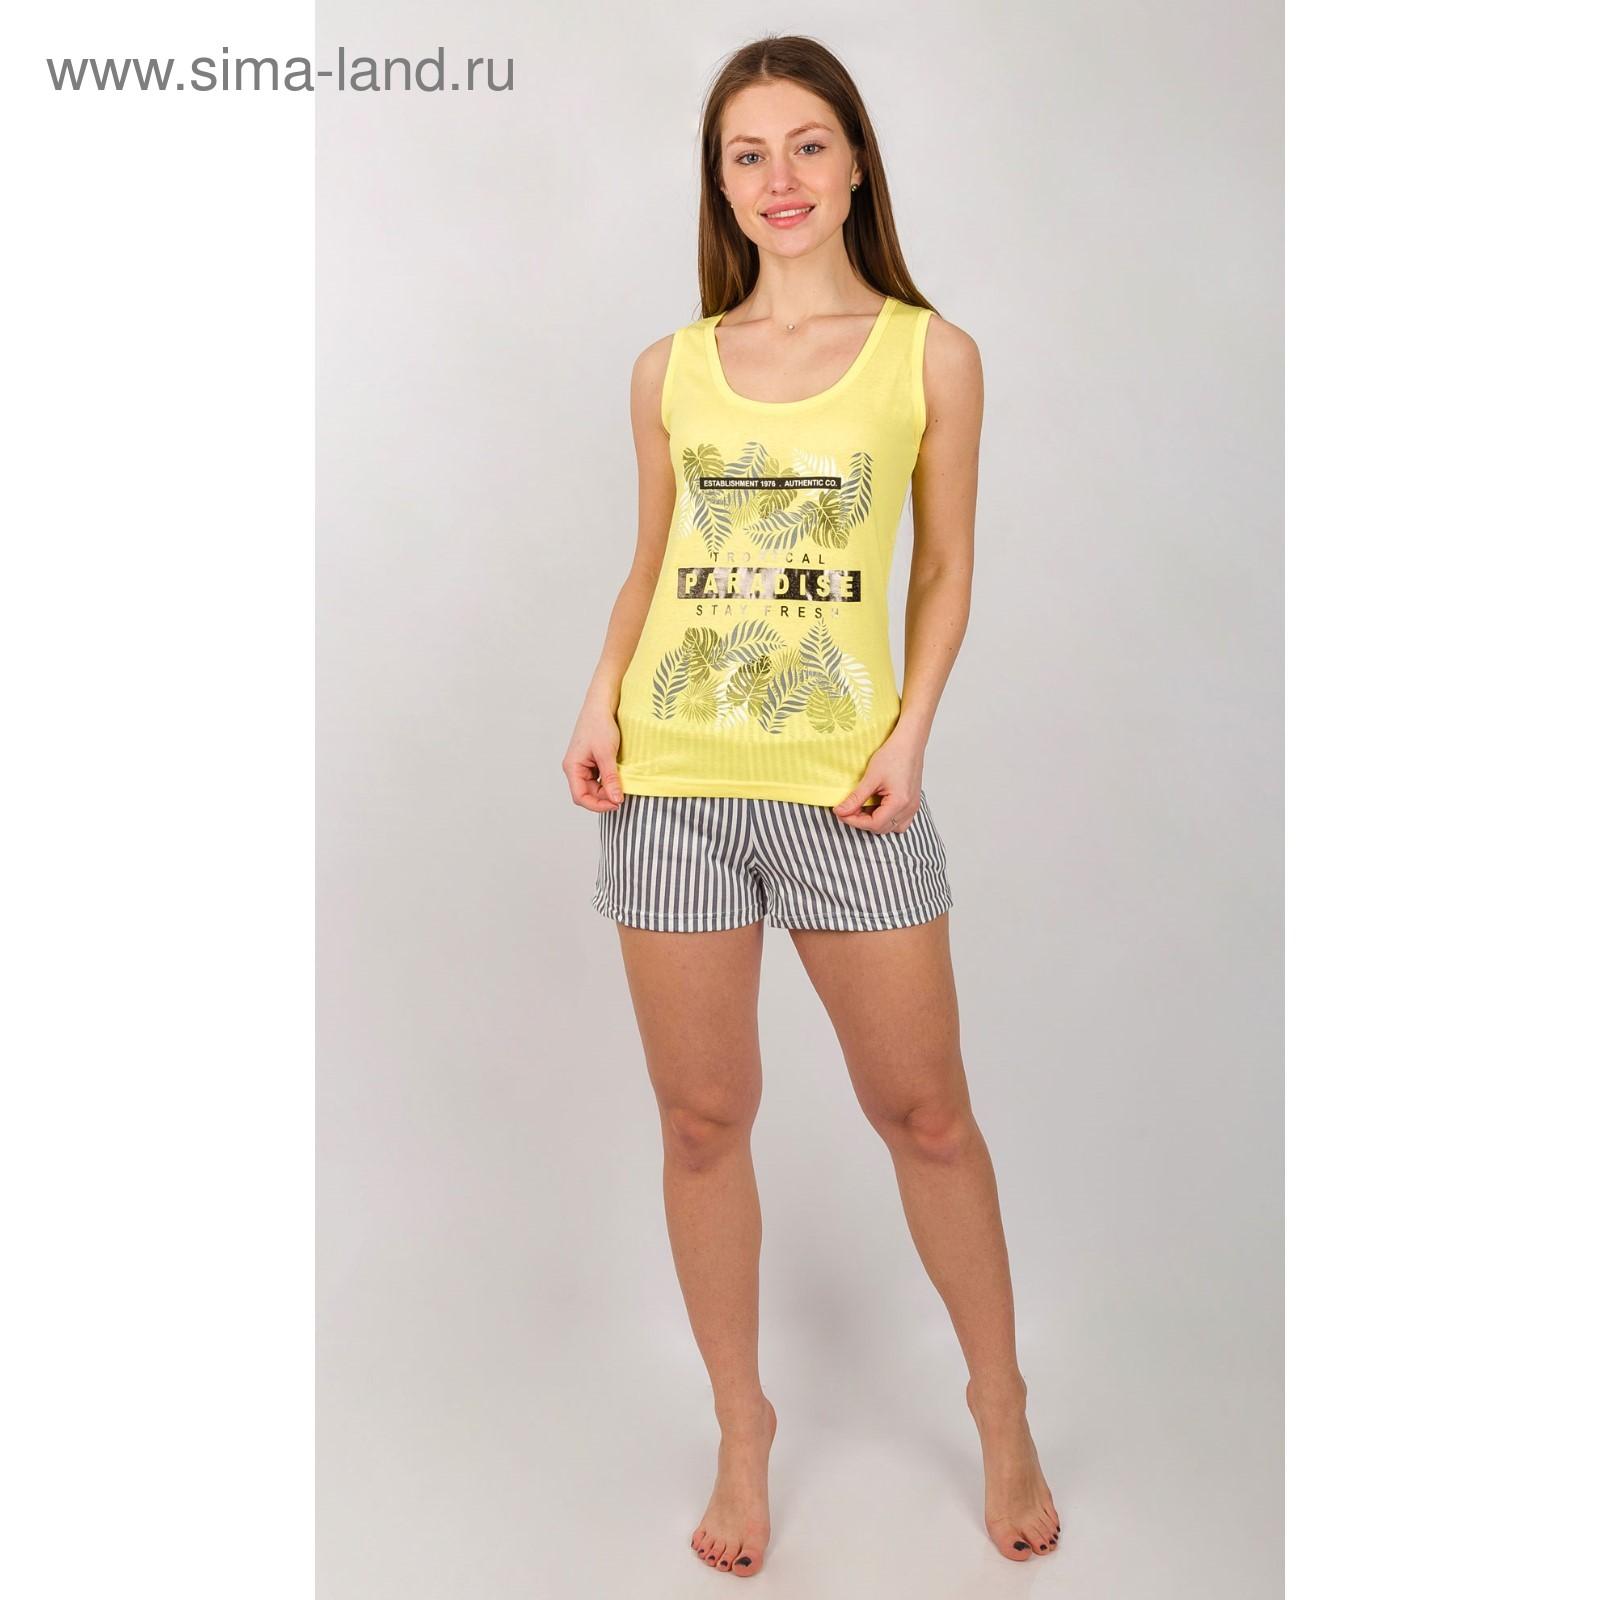 d1c20699340bc Комплект женский (майка,шорты), цвет МИКС, р-р 52 (4250979) - Купить ...